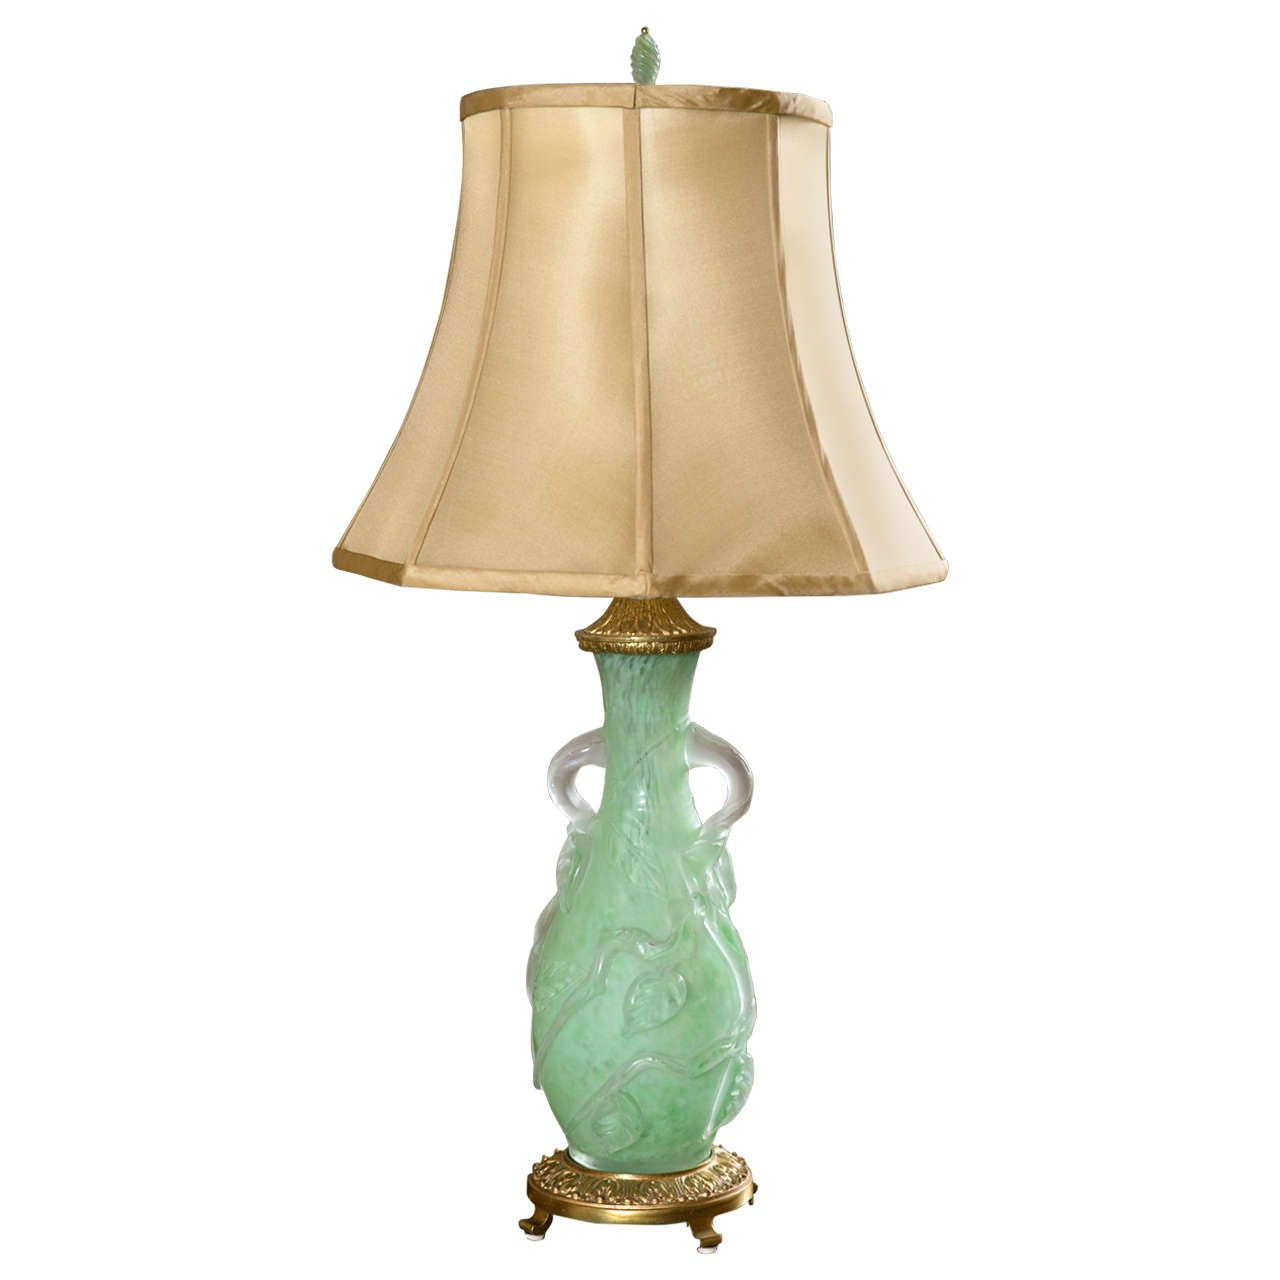 Steuben Vase, Turned Lamp